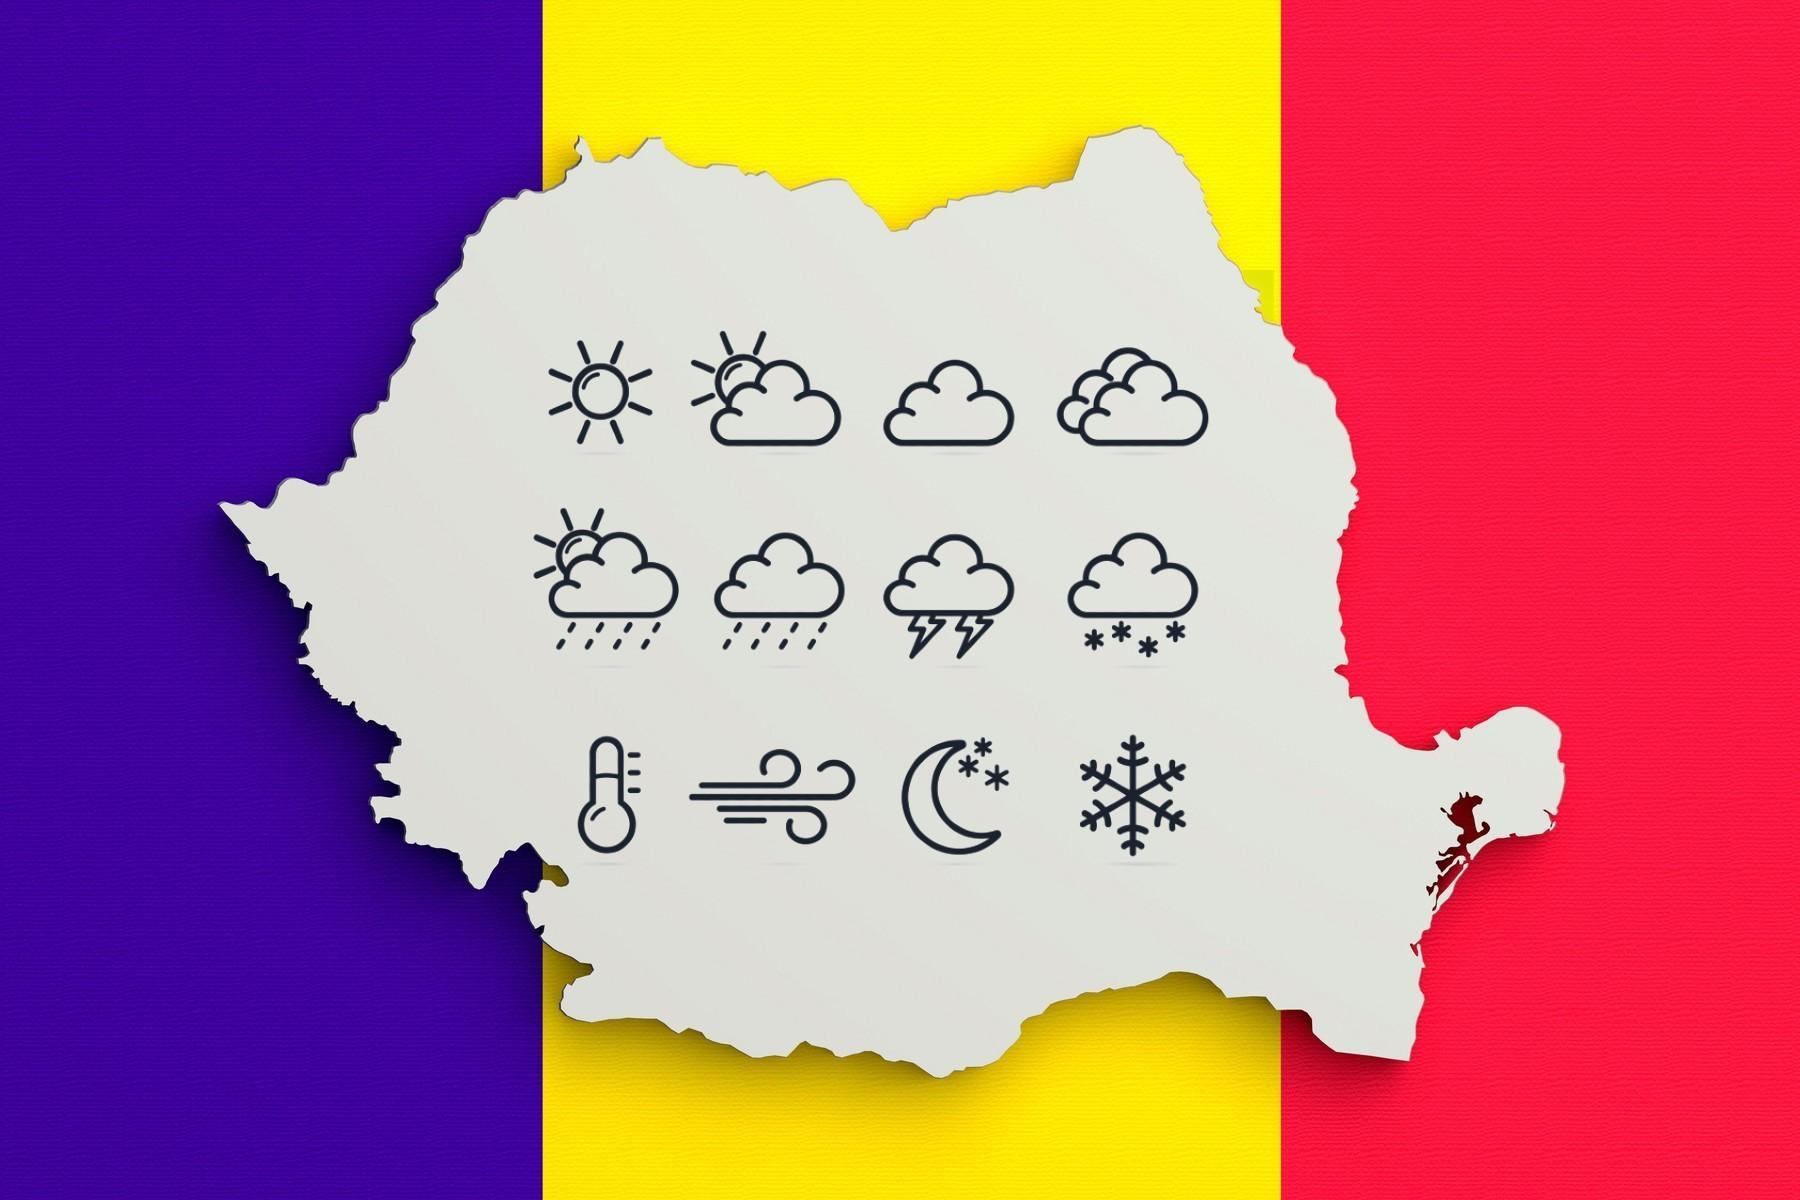 Prognoza meteo 21 septembrie 2021. Cum e vremea în România și care sunt previziunile ANM pentru astăzi